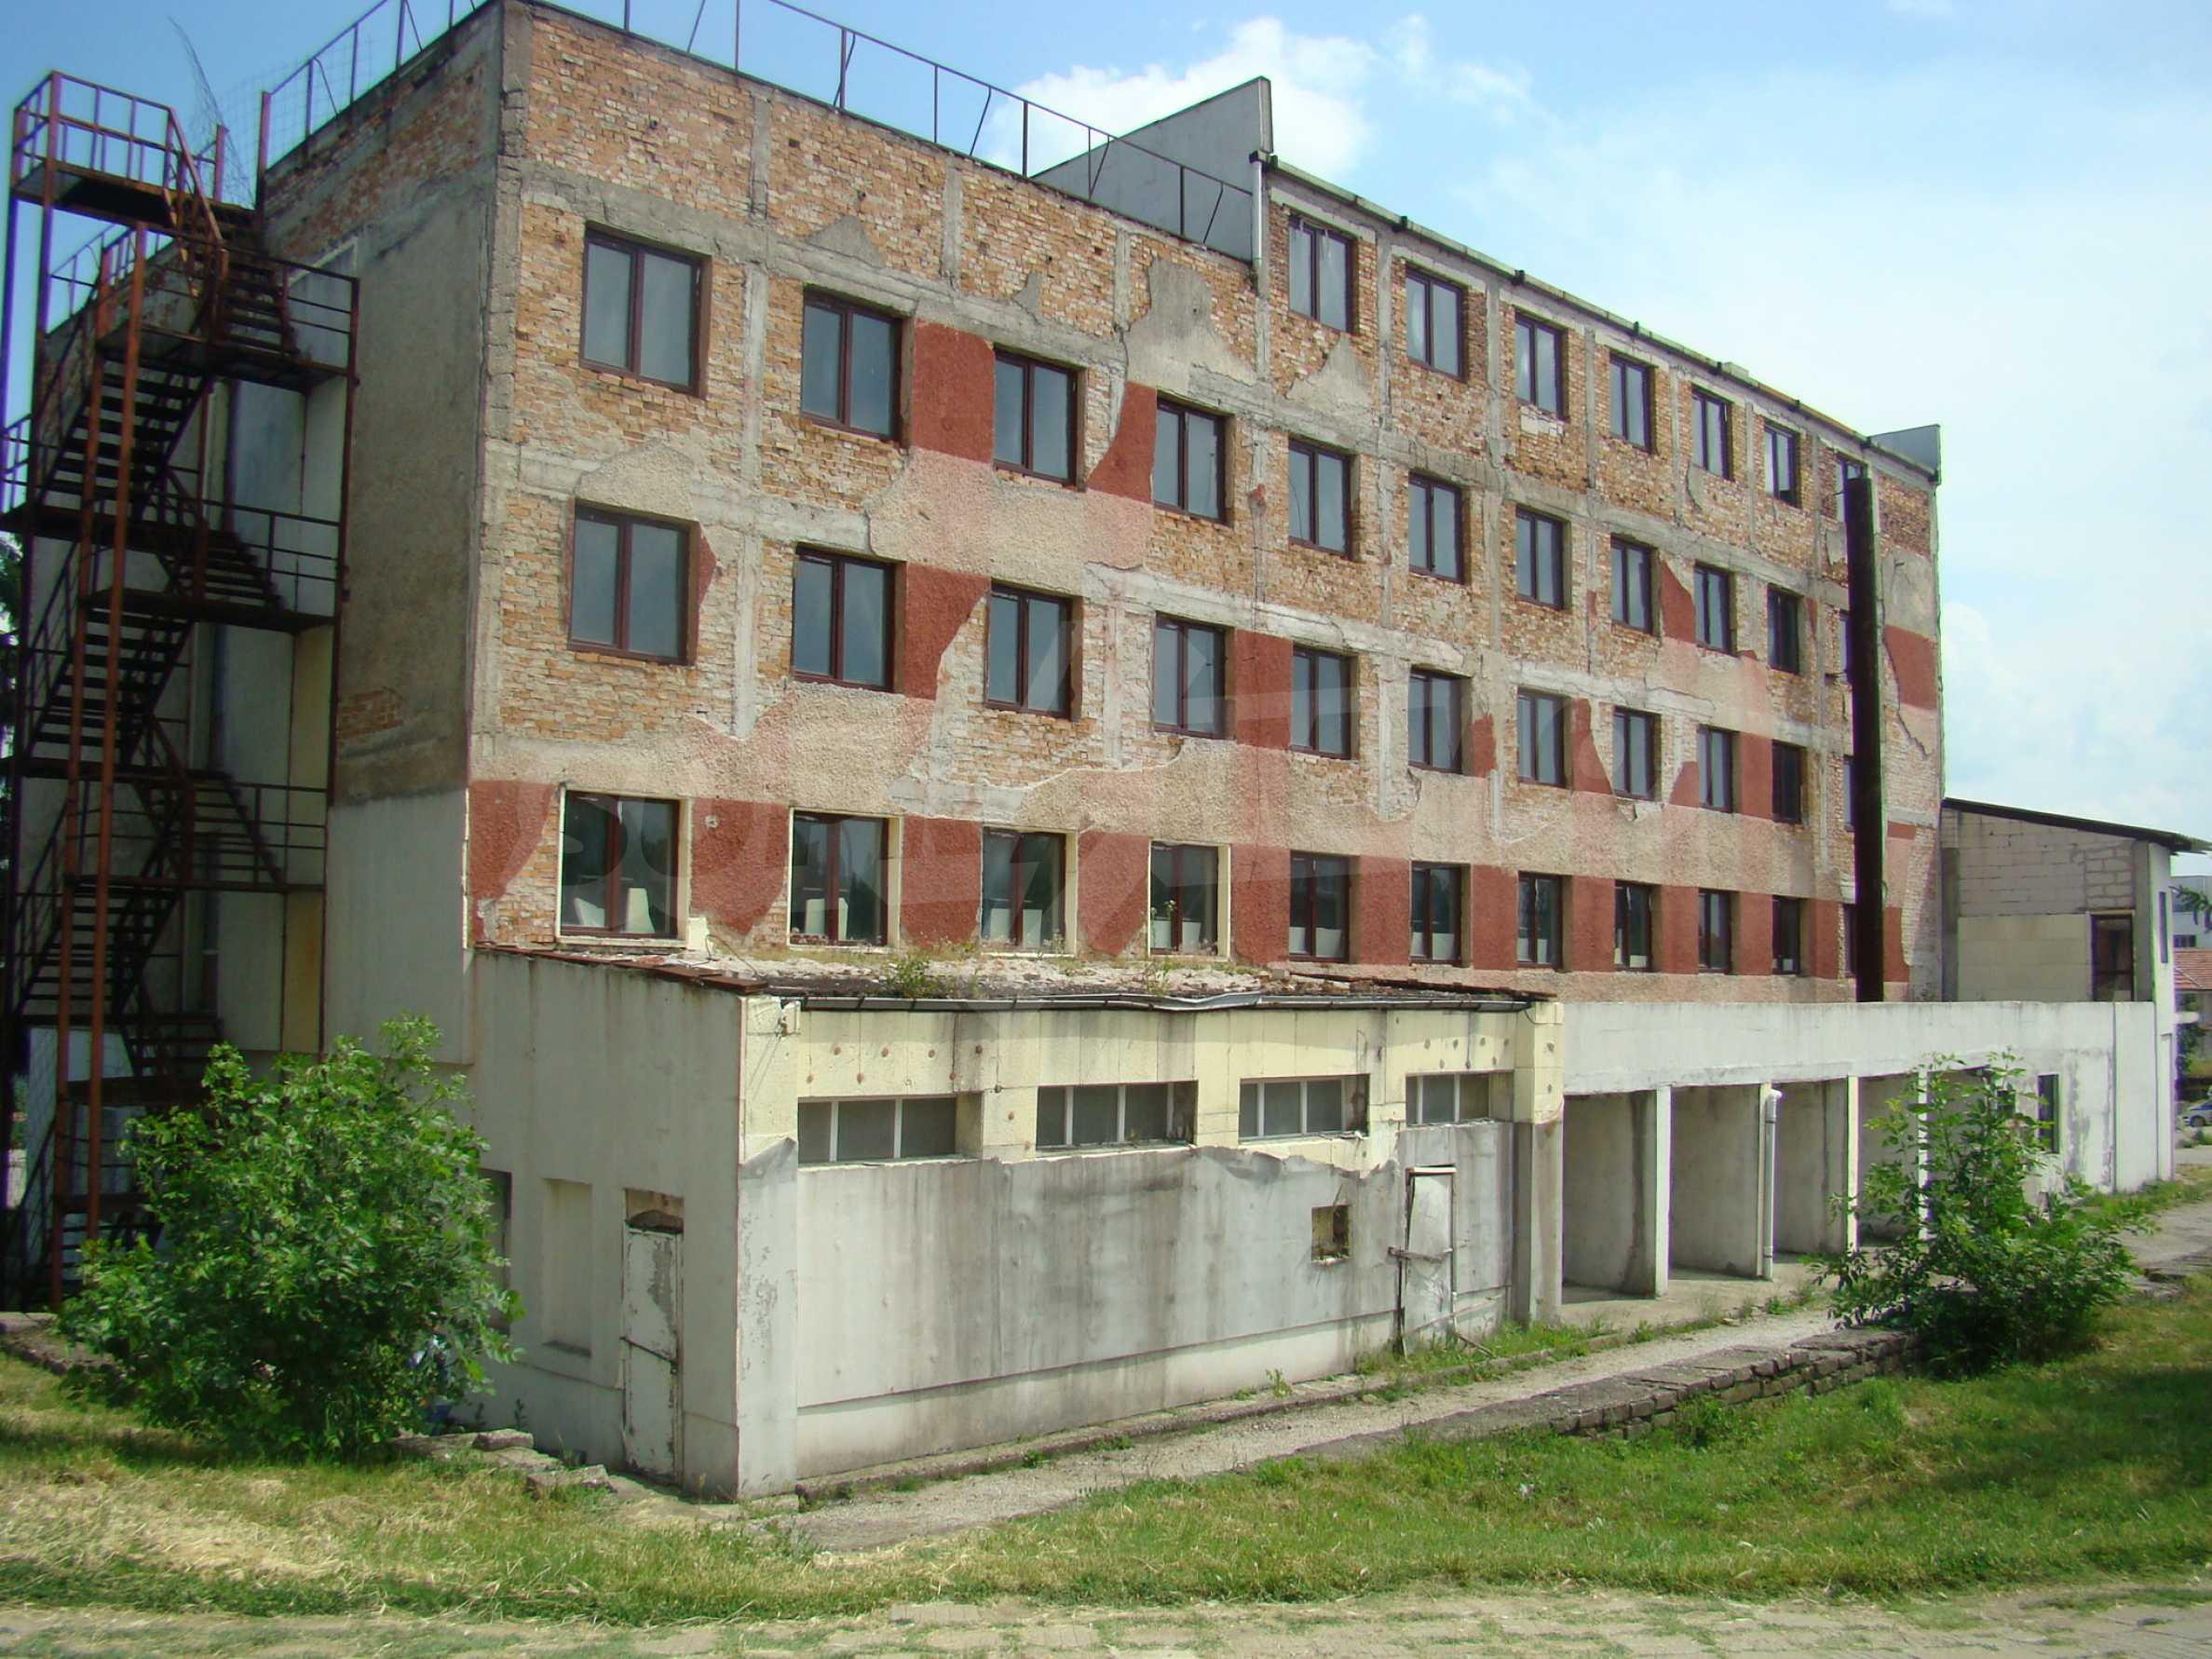 Сграда за инвестиция в центъра на град Кула 3